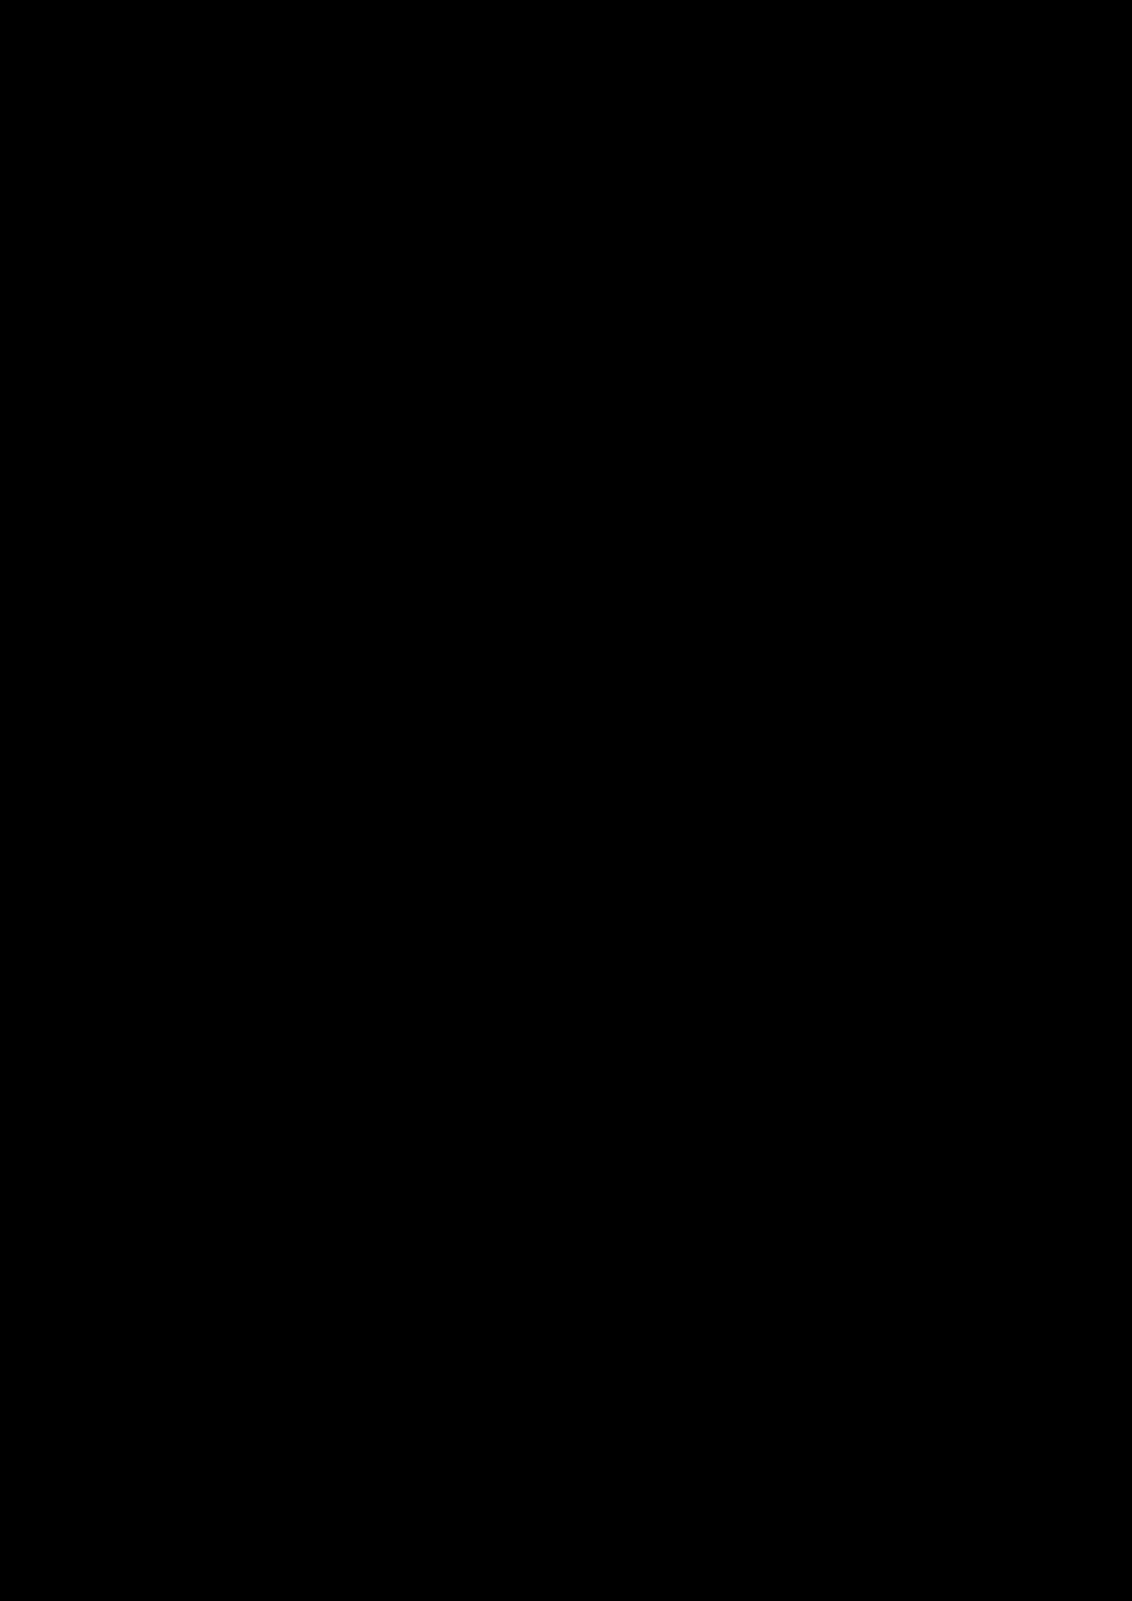 Vyibor Est slide, Image 9